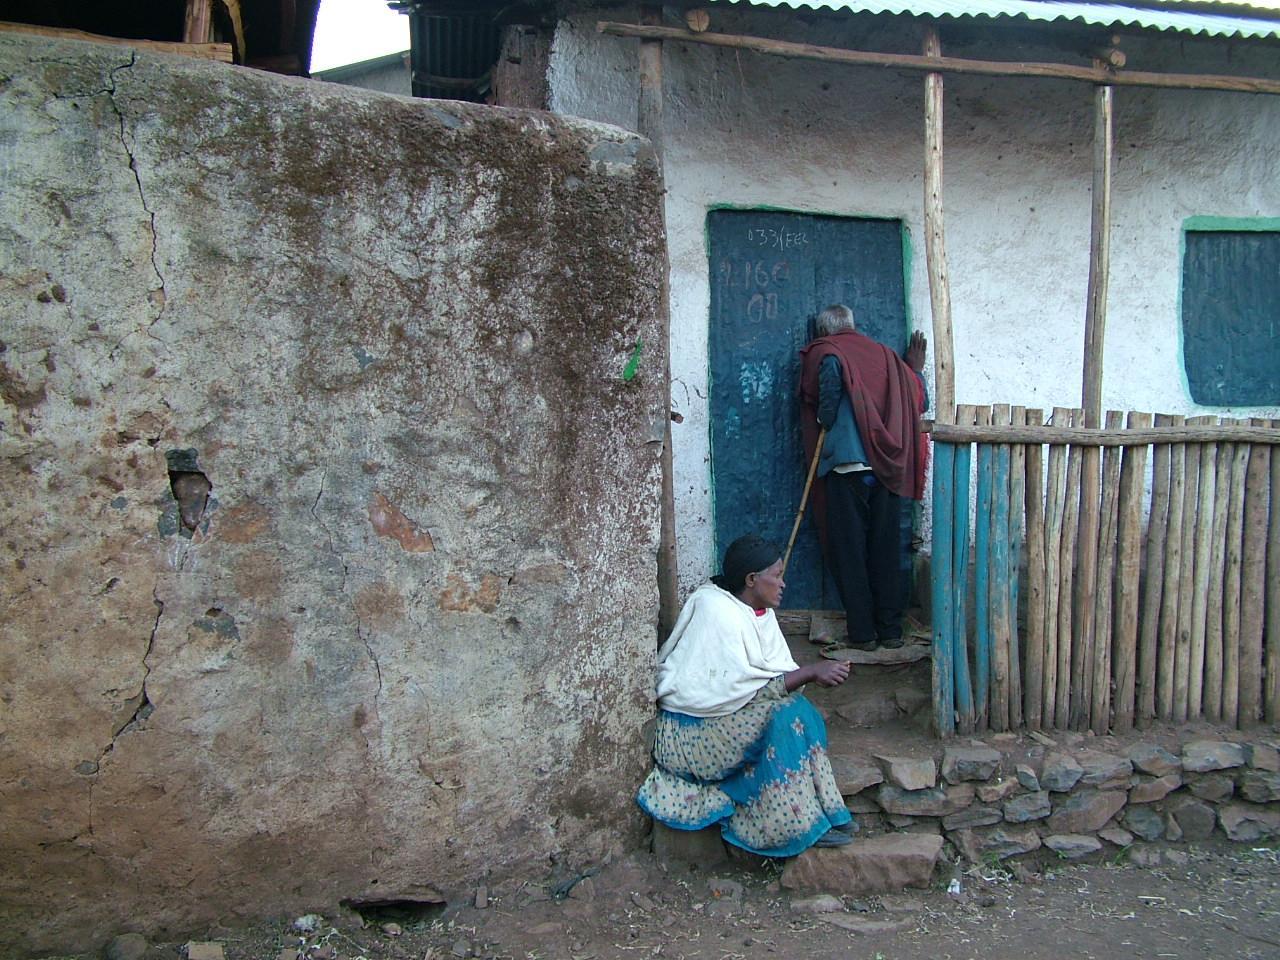 """上映予定映像①《ラリベロッチ-終わりなき祝福を生きる-》 30分(監督:川瀬慈) エチオピア高原の吟遊詩人""""ラリベロッチ""""による門付(かどづけ)を記録した作品。 早朝に家の軒先で唄い、乞い、金や食物を受け取ると、その見返りとして人々に祝詞を与え、次の家へと去っていく。芸能を生み出す根源的な力がエチオピアの路上に生きている。"""